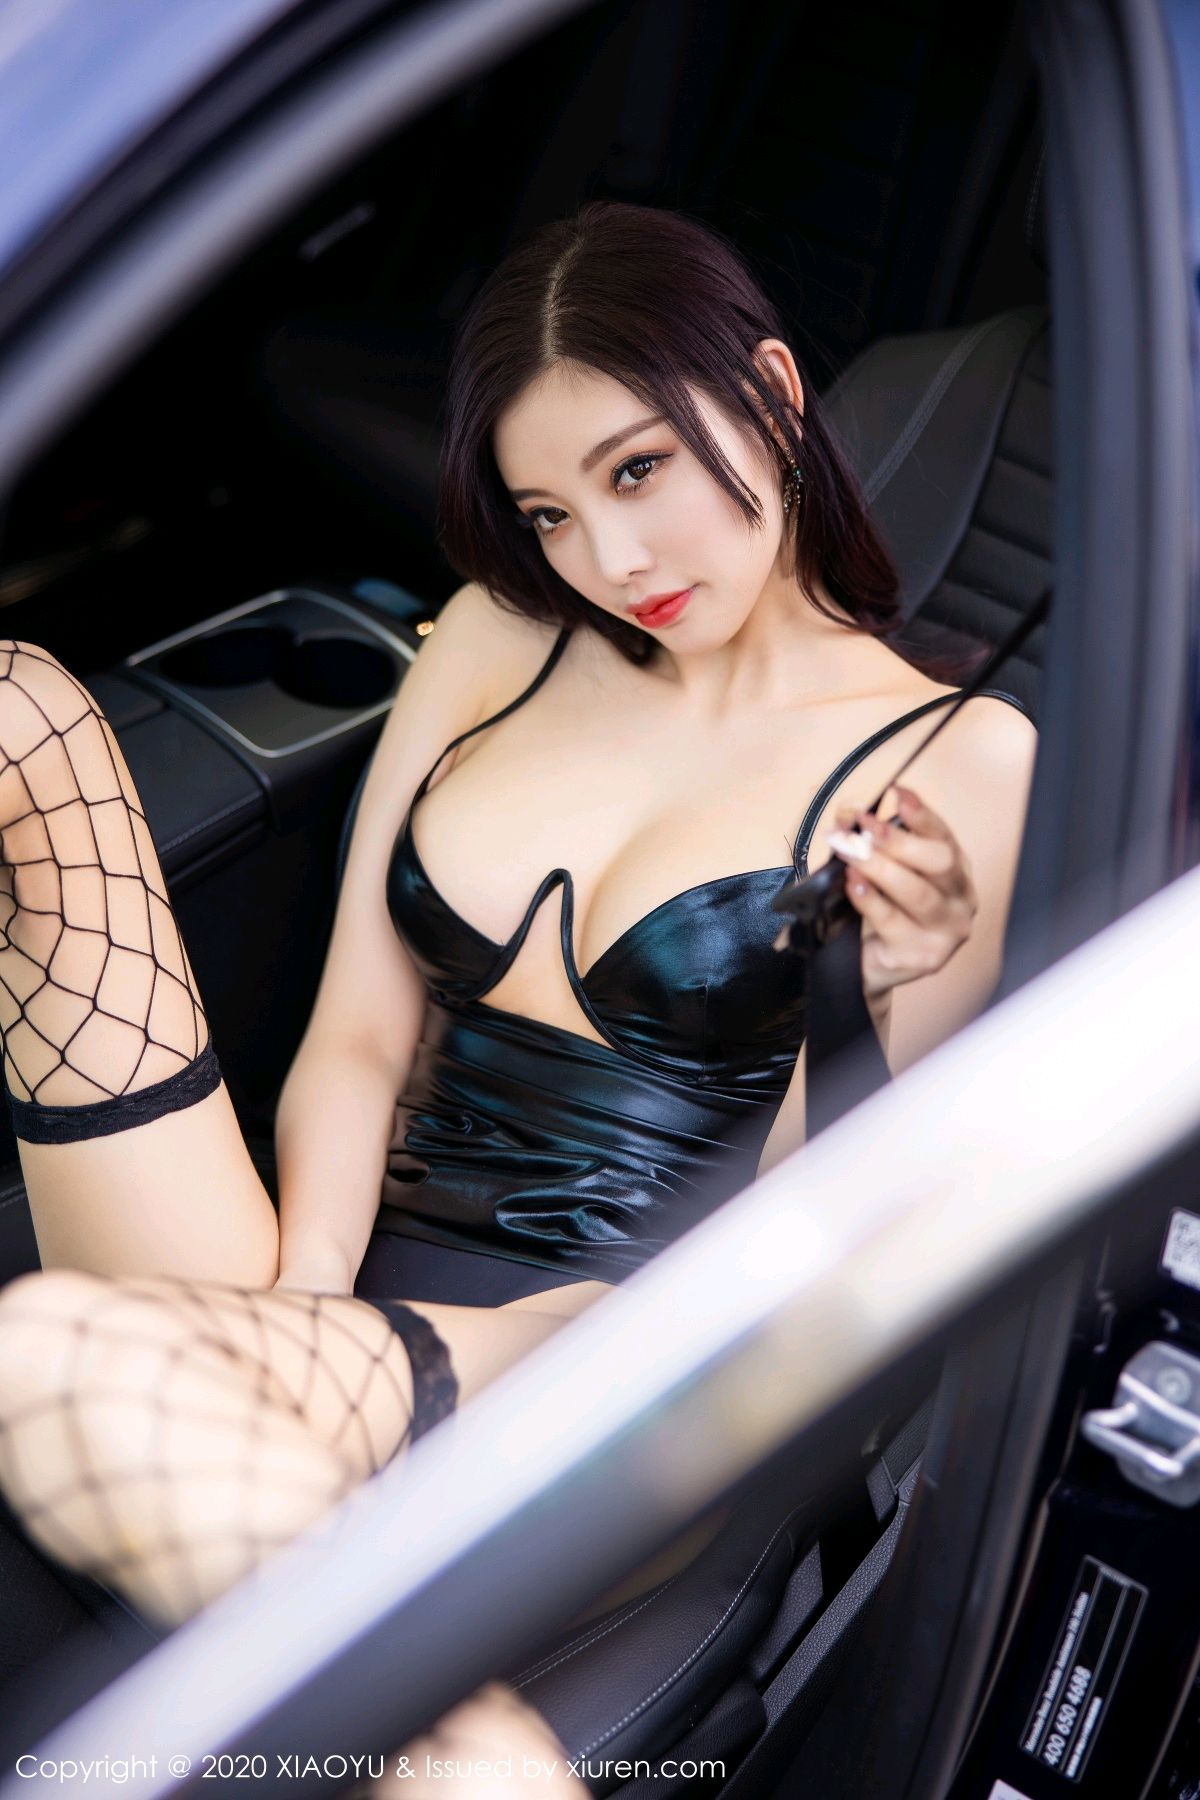 [XiuRen] Vol.338 Yang Chen Chen 48P, Outdoor, Tall, Xiuren, Yang Chen Chen